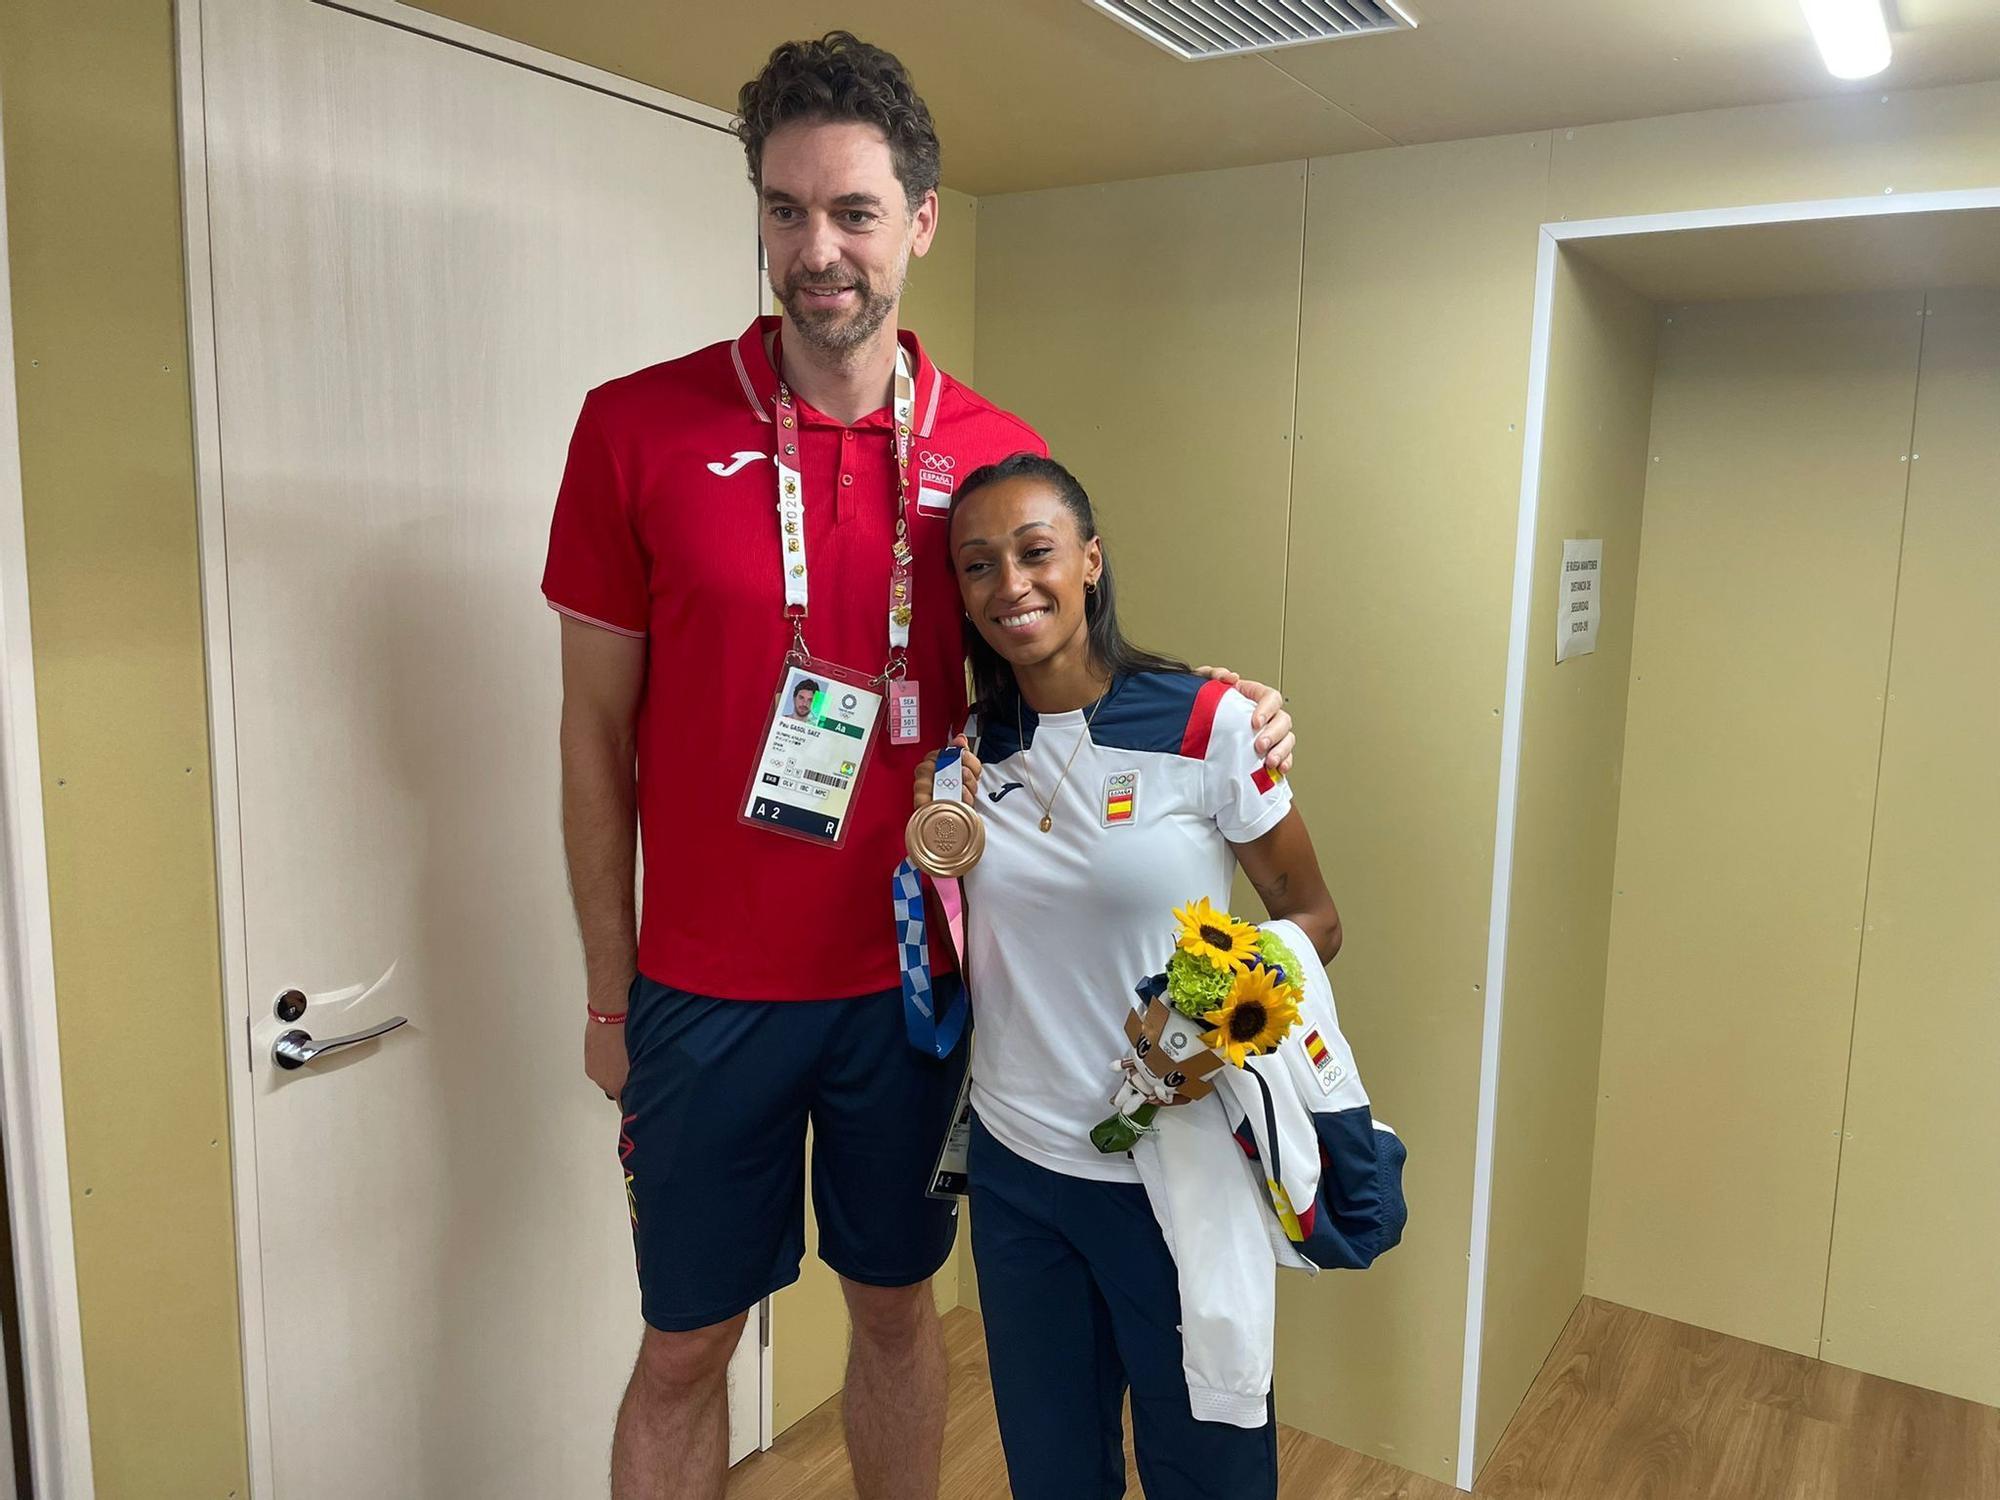 El jugador de baloncesto catalán no perdió la ocasión de fotografiarse con la medallista gallega.